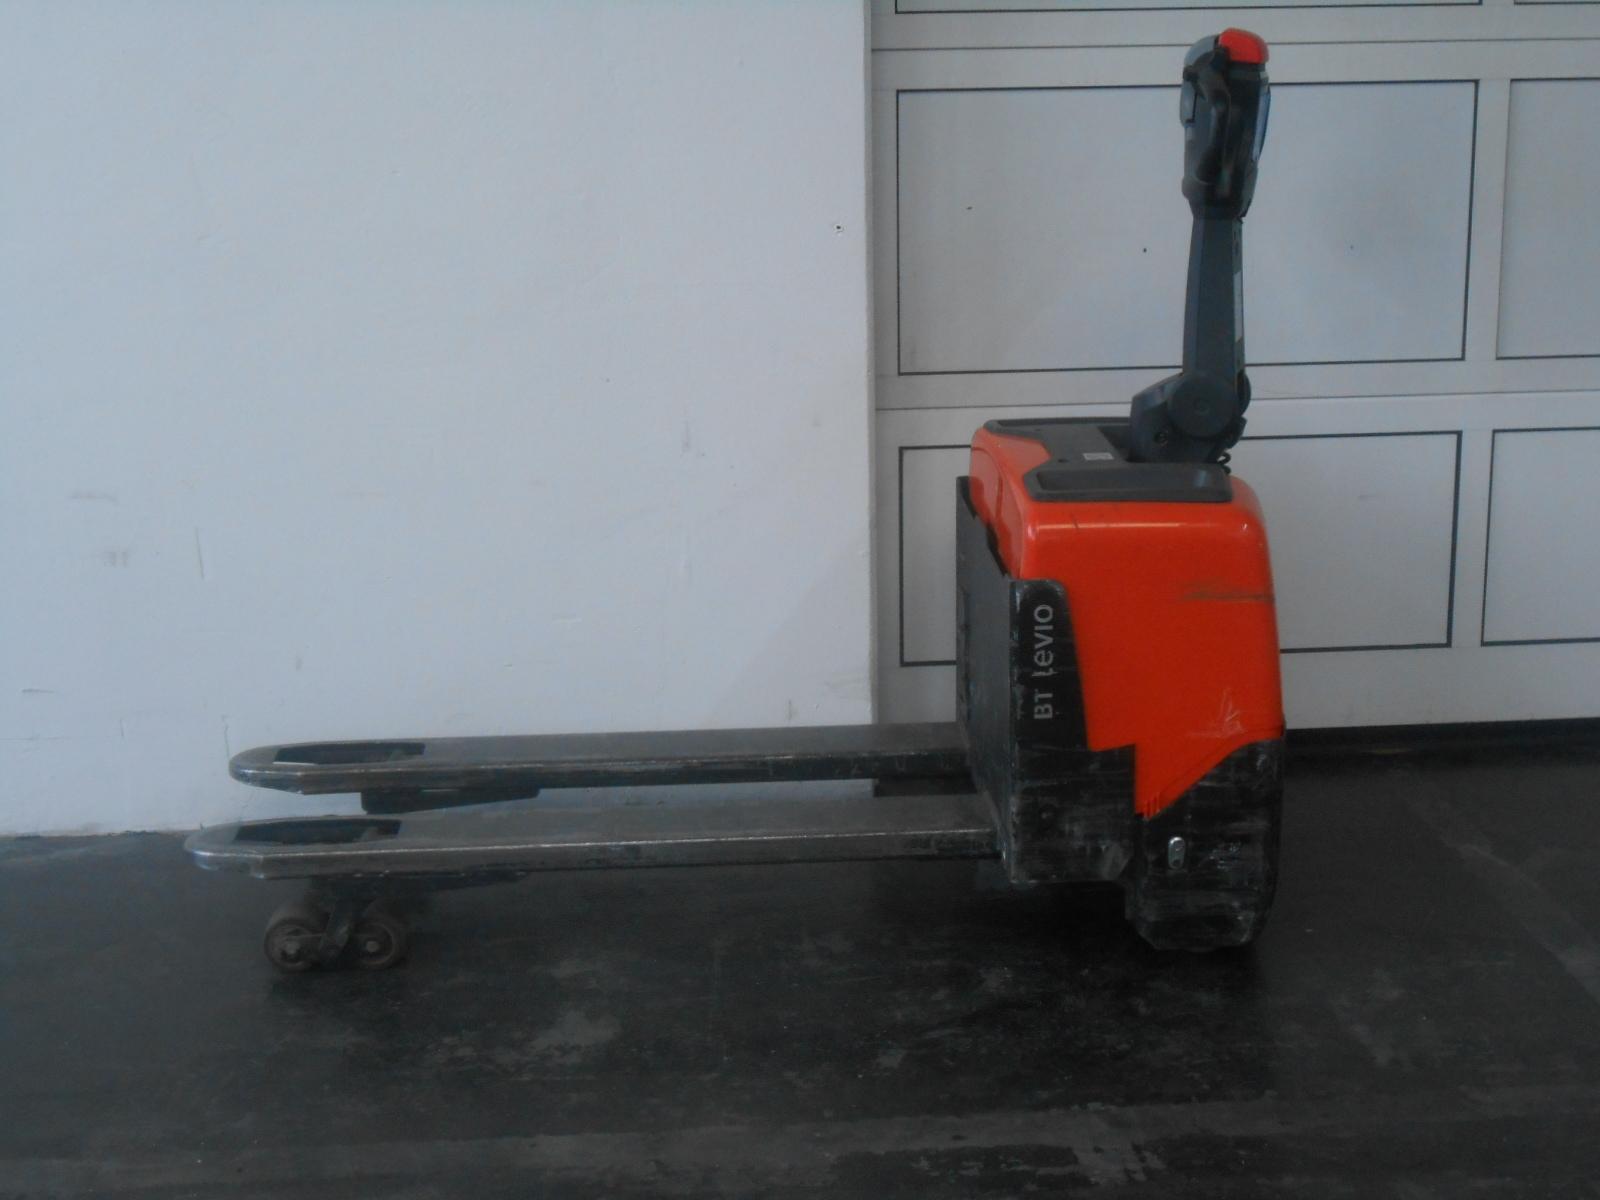 Toyota-Gabelstapler-59840 1804039868 1 80